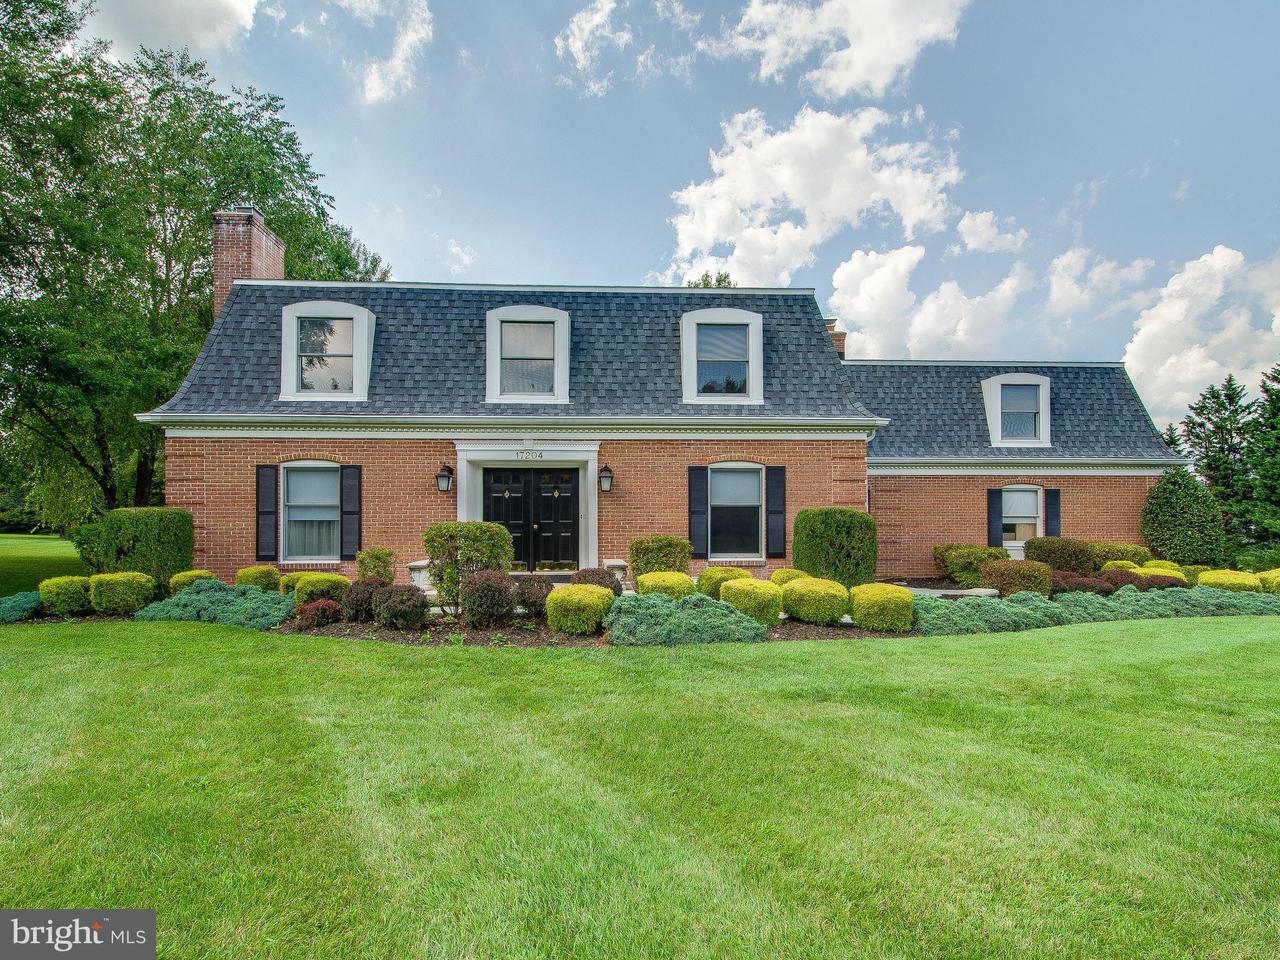 Частный односемейный дом для того Продажа на 17204 PALOMINO Court 17204 PALOMINO Court Olney, Мэриленд 20832 Соединенные Штаты